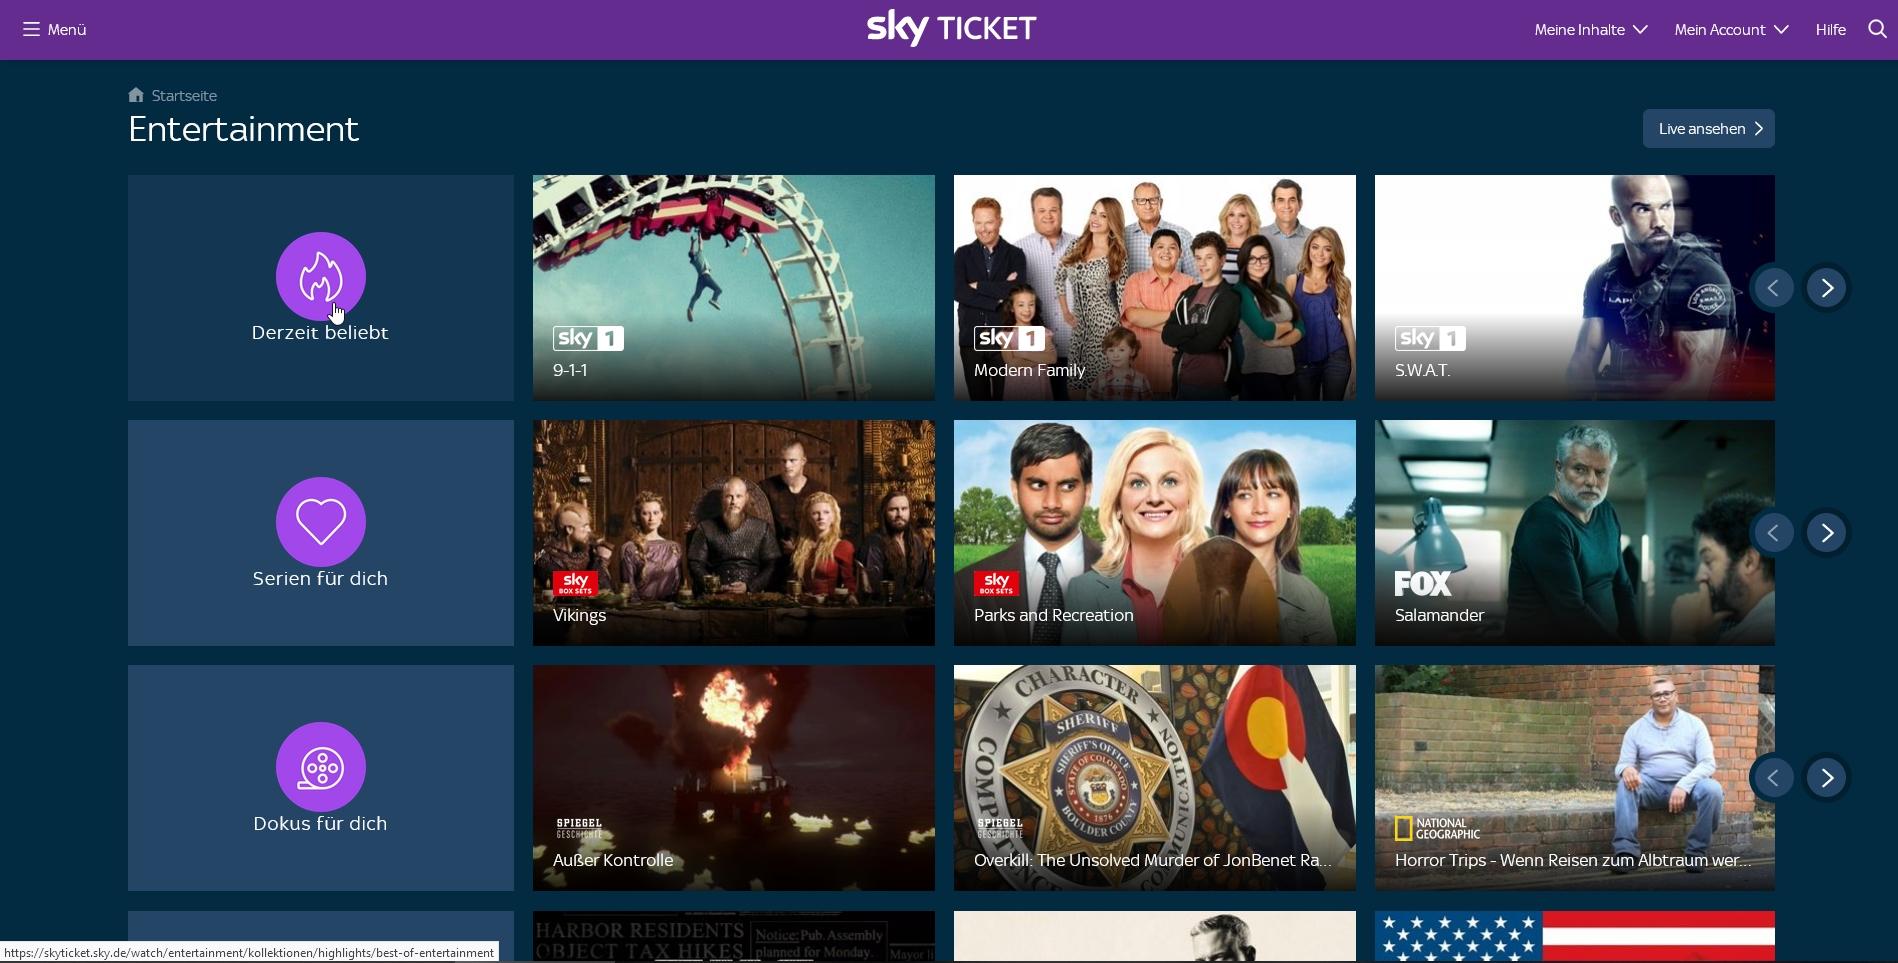 Filme Kostenlos Online Schauen Ohne Anmeldung